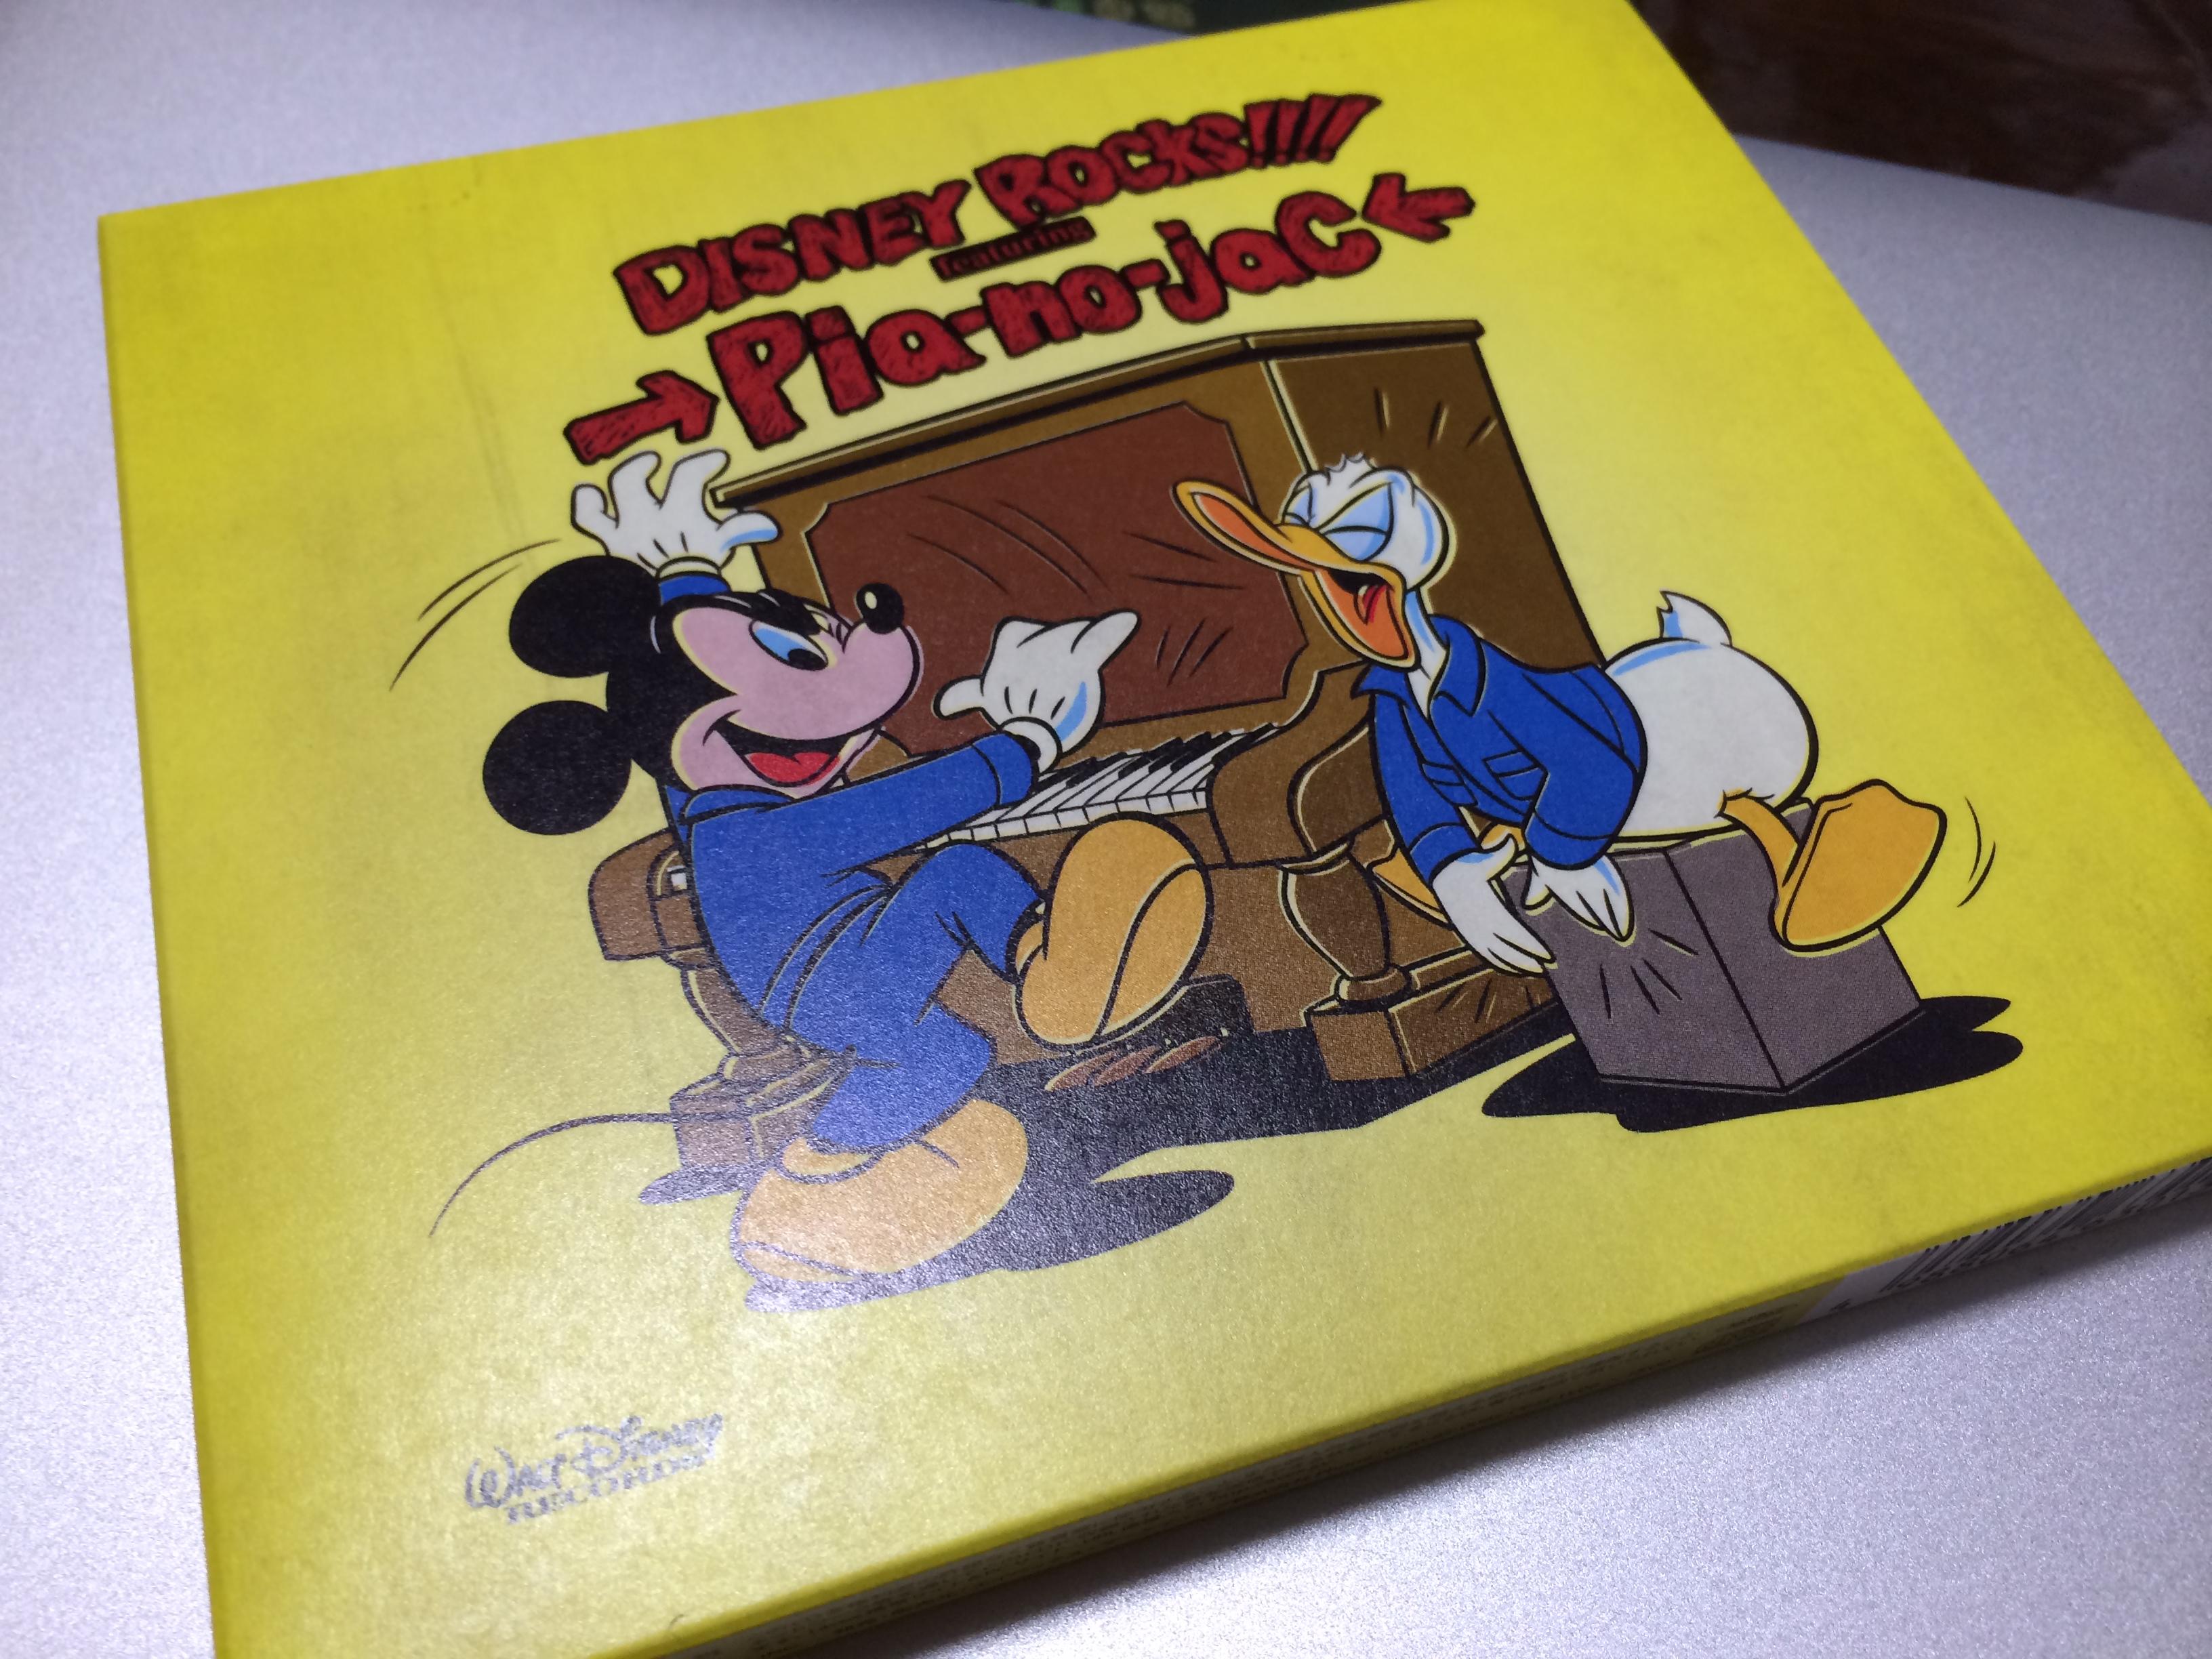 ヴィレバン仕様の「Disney Rocks!!!! featuring →Pia-no-jaC←」を買ったのでレビュー!